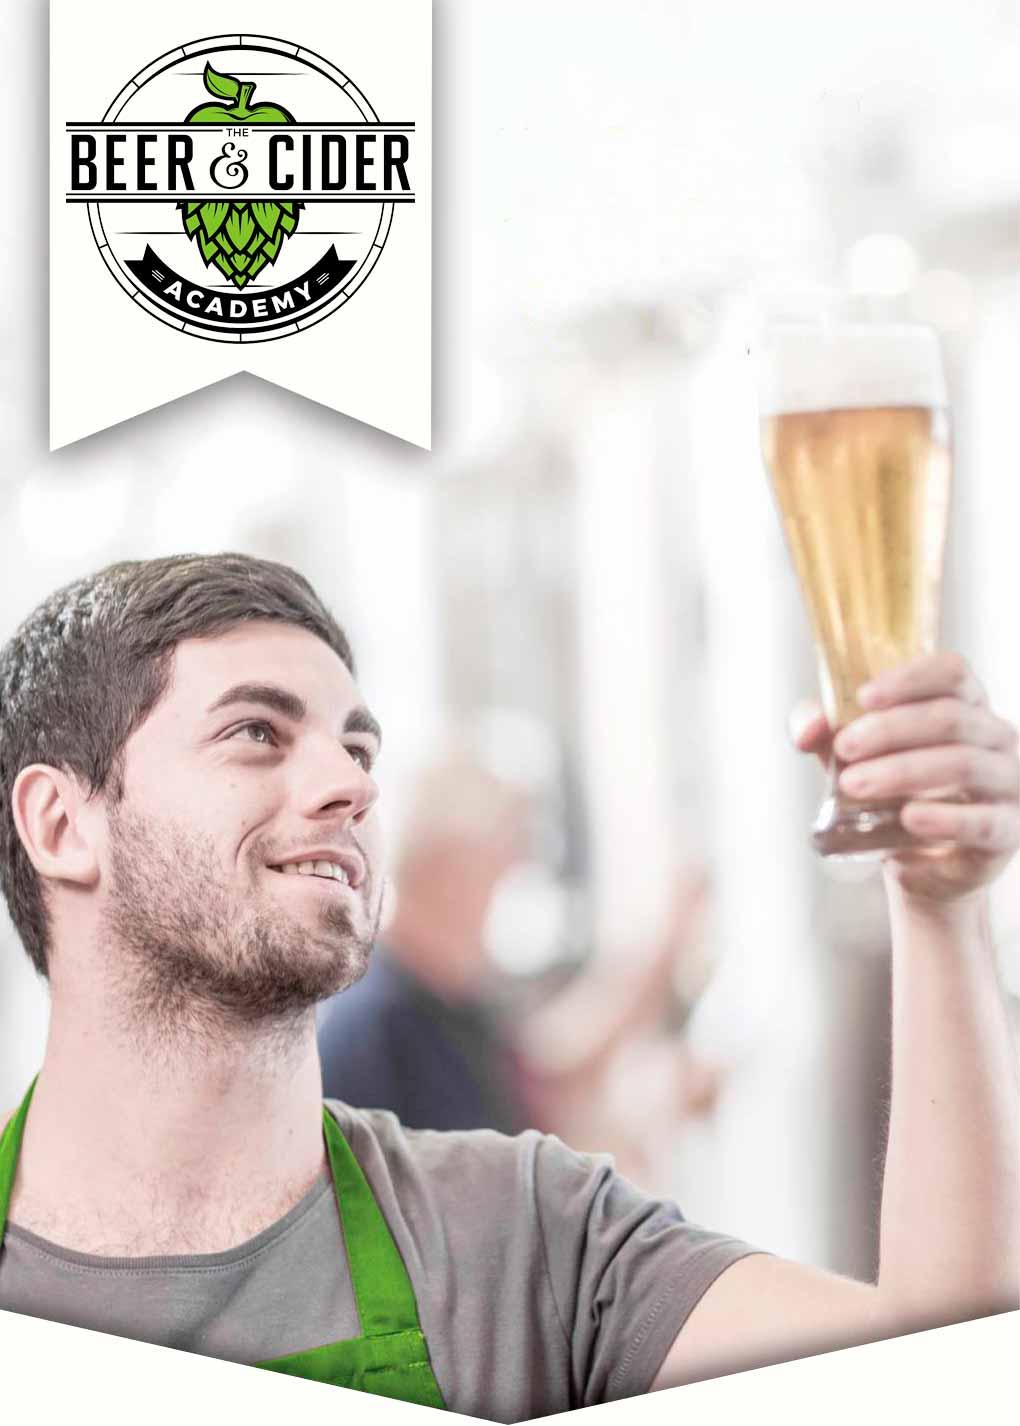 Mann studerer øl